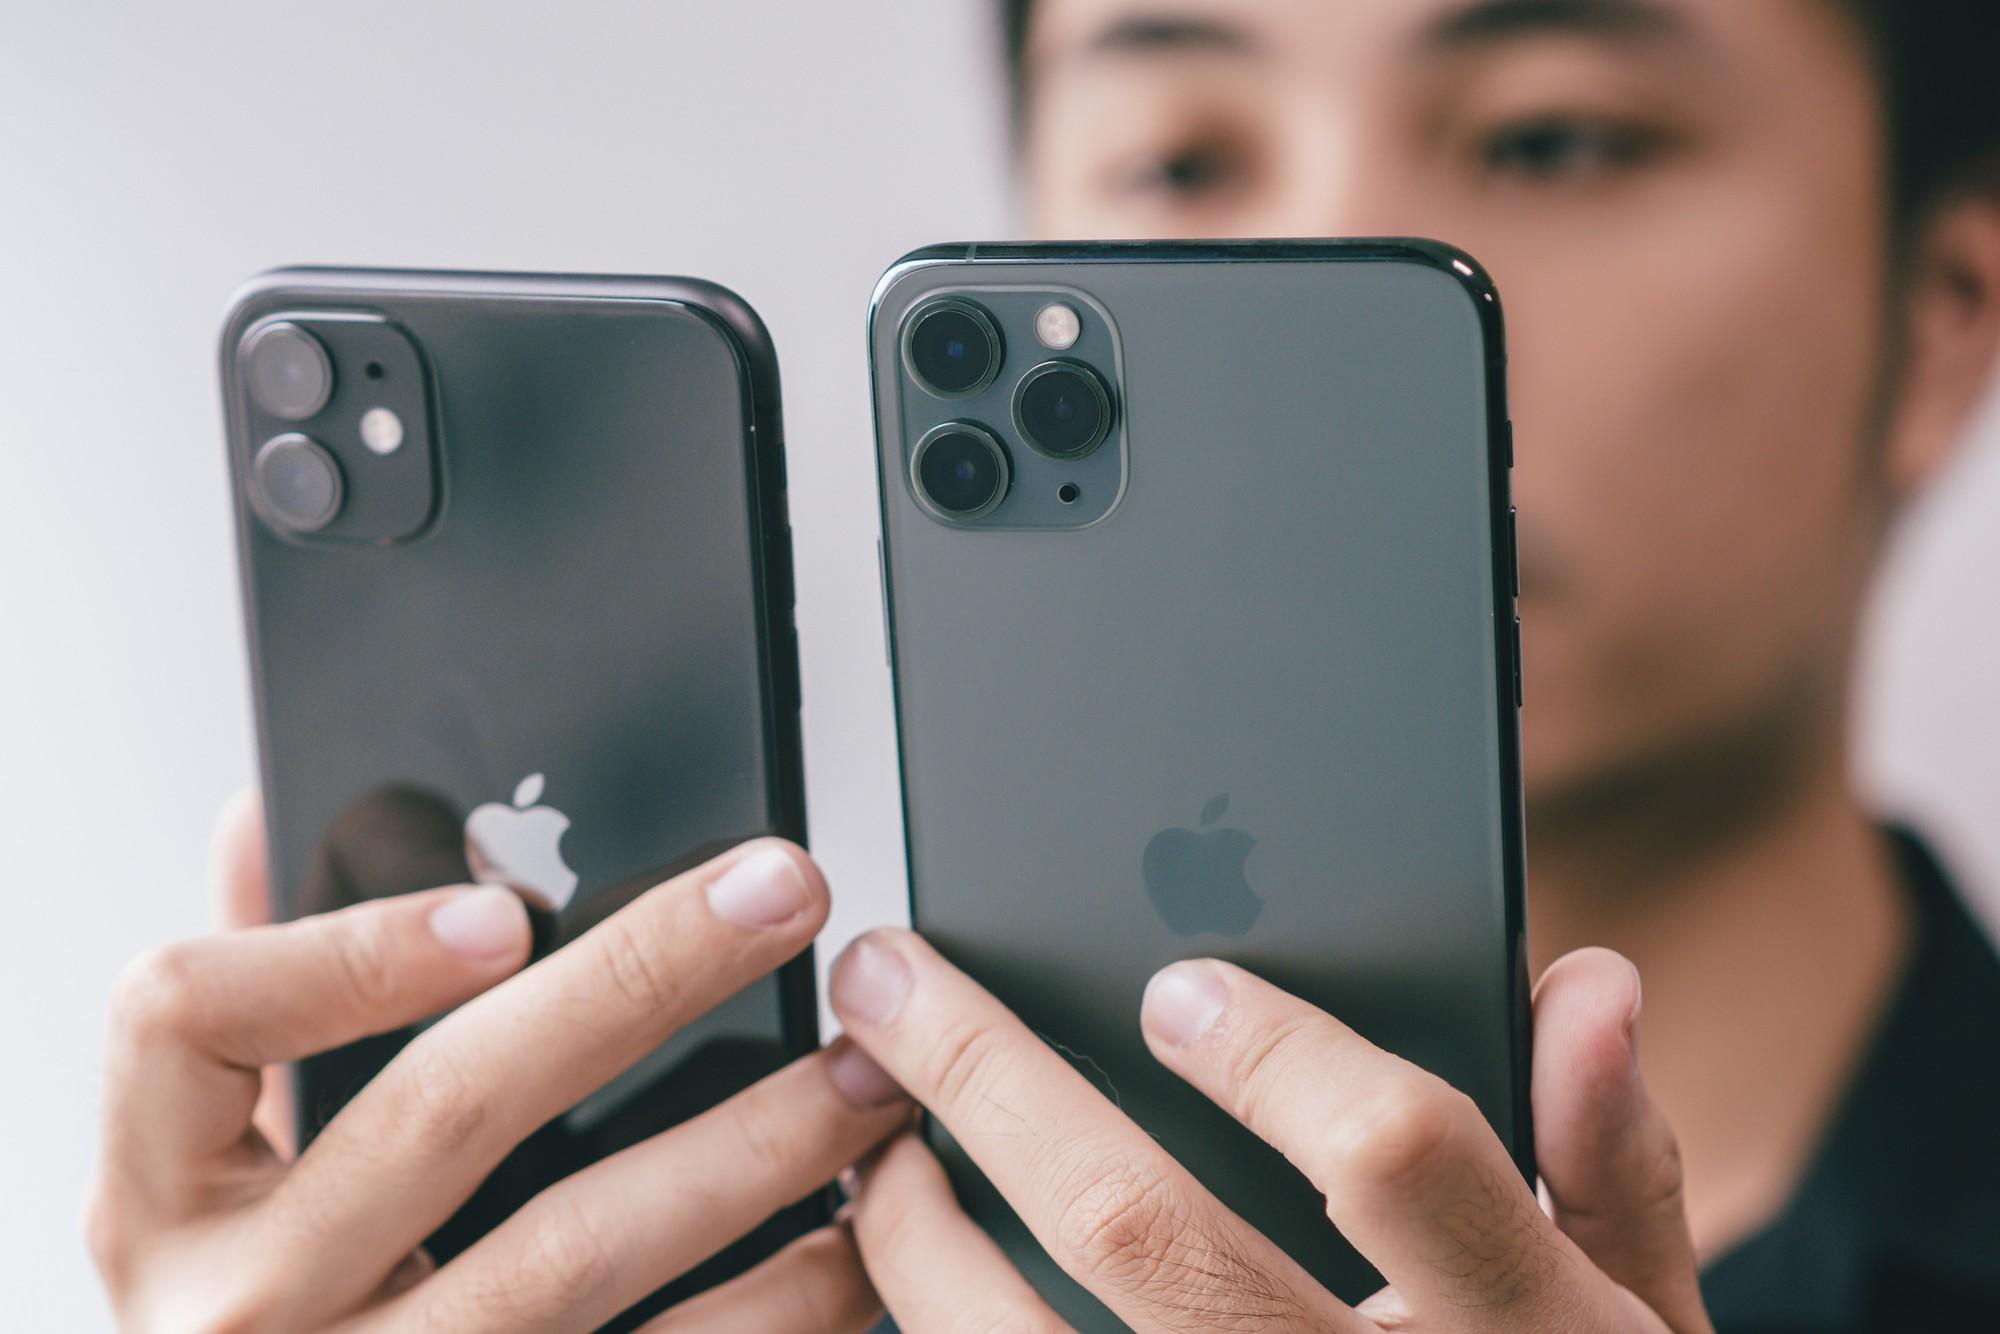 Đánh giá iPhone 11 Pro: Không phải người đi đầu, nhưng vẫn là người dẫn đầu - Ảnh 40.